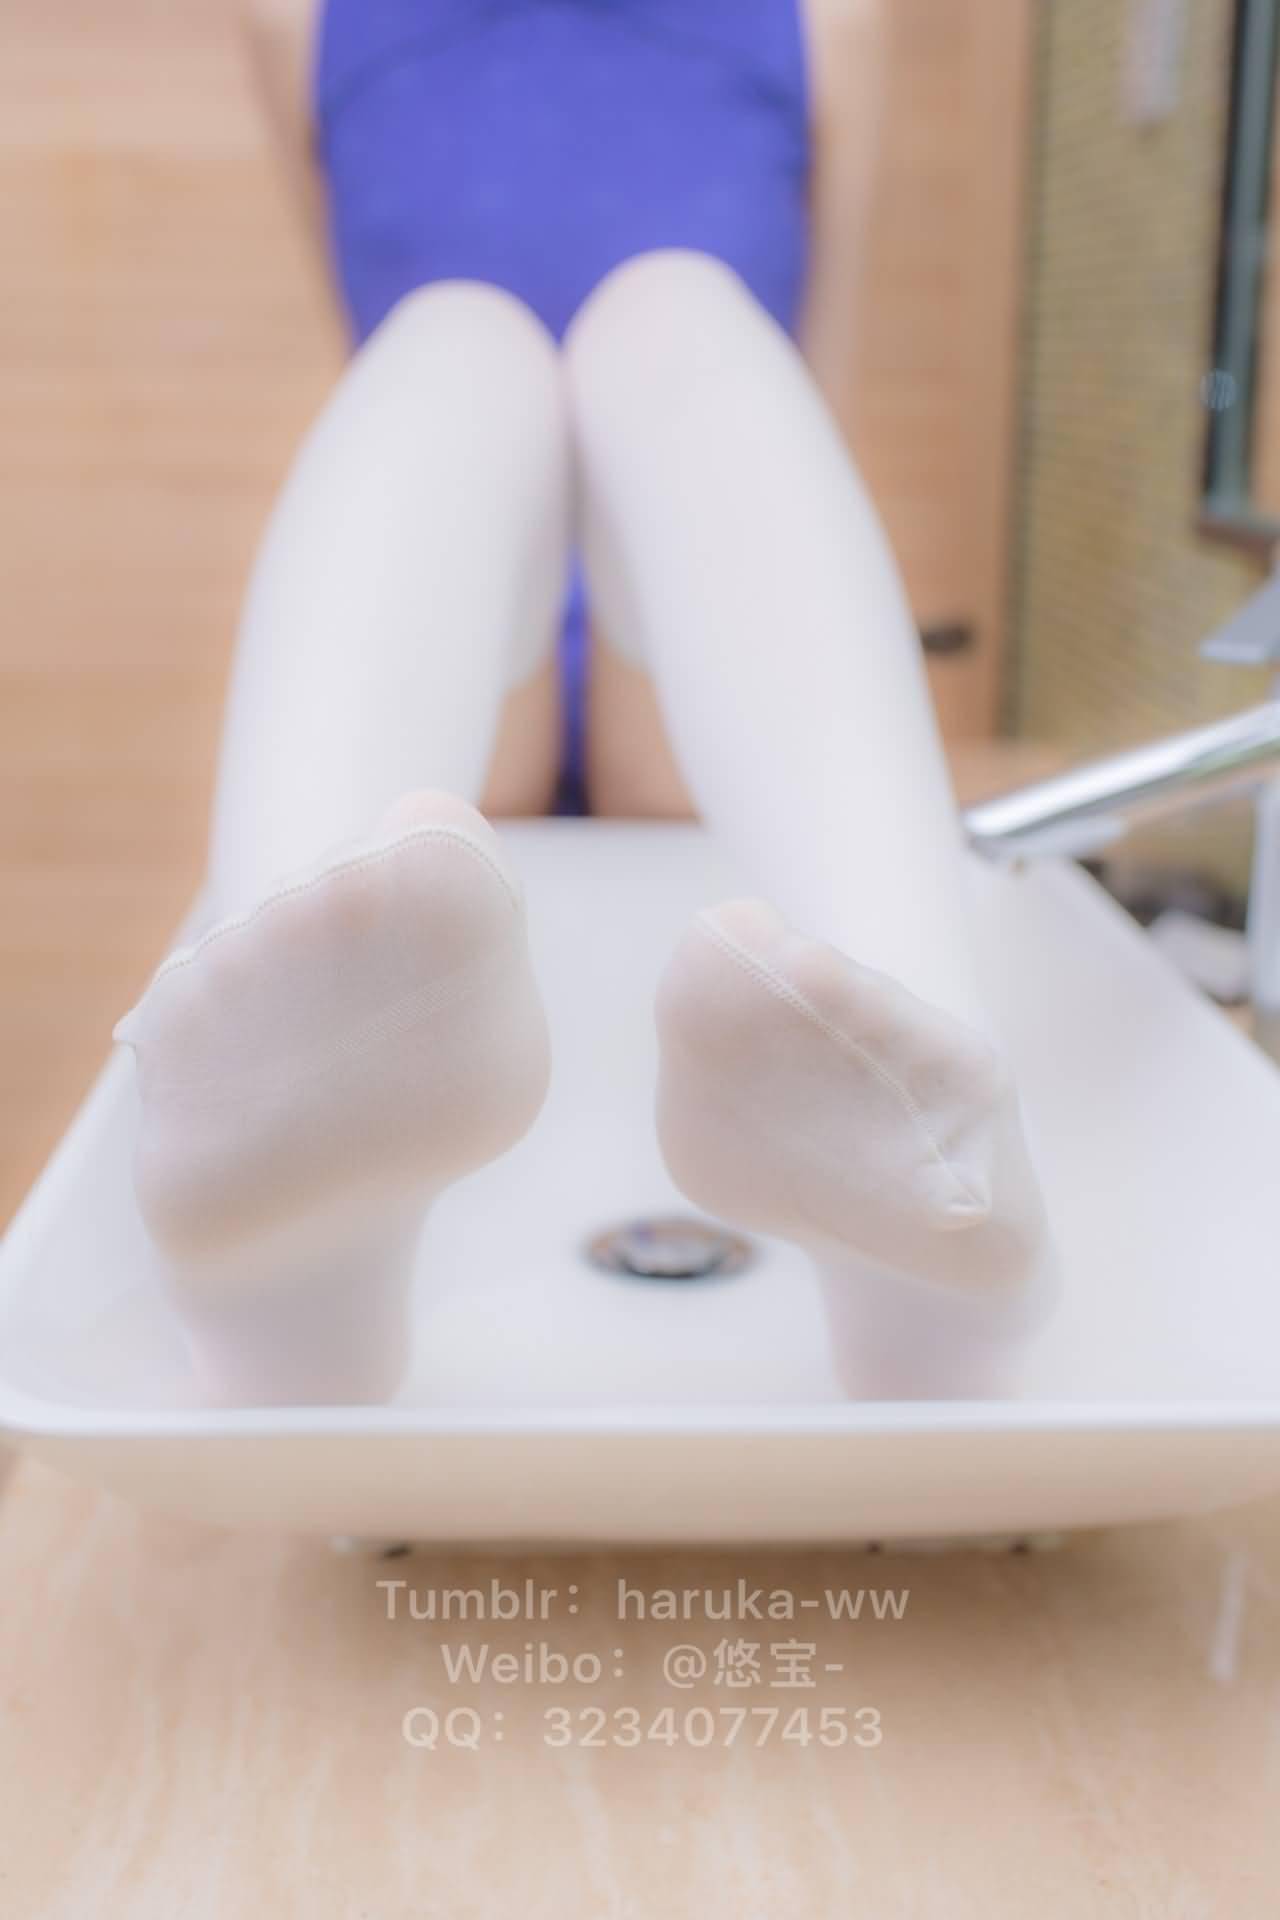 xafbM9 - Young japanese school girl white stockings cheongsam 悠宝三岁 白丝旗袍